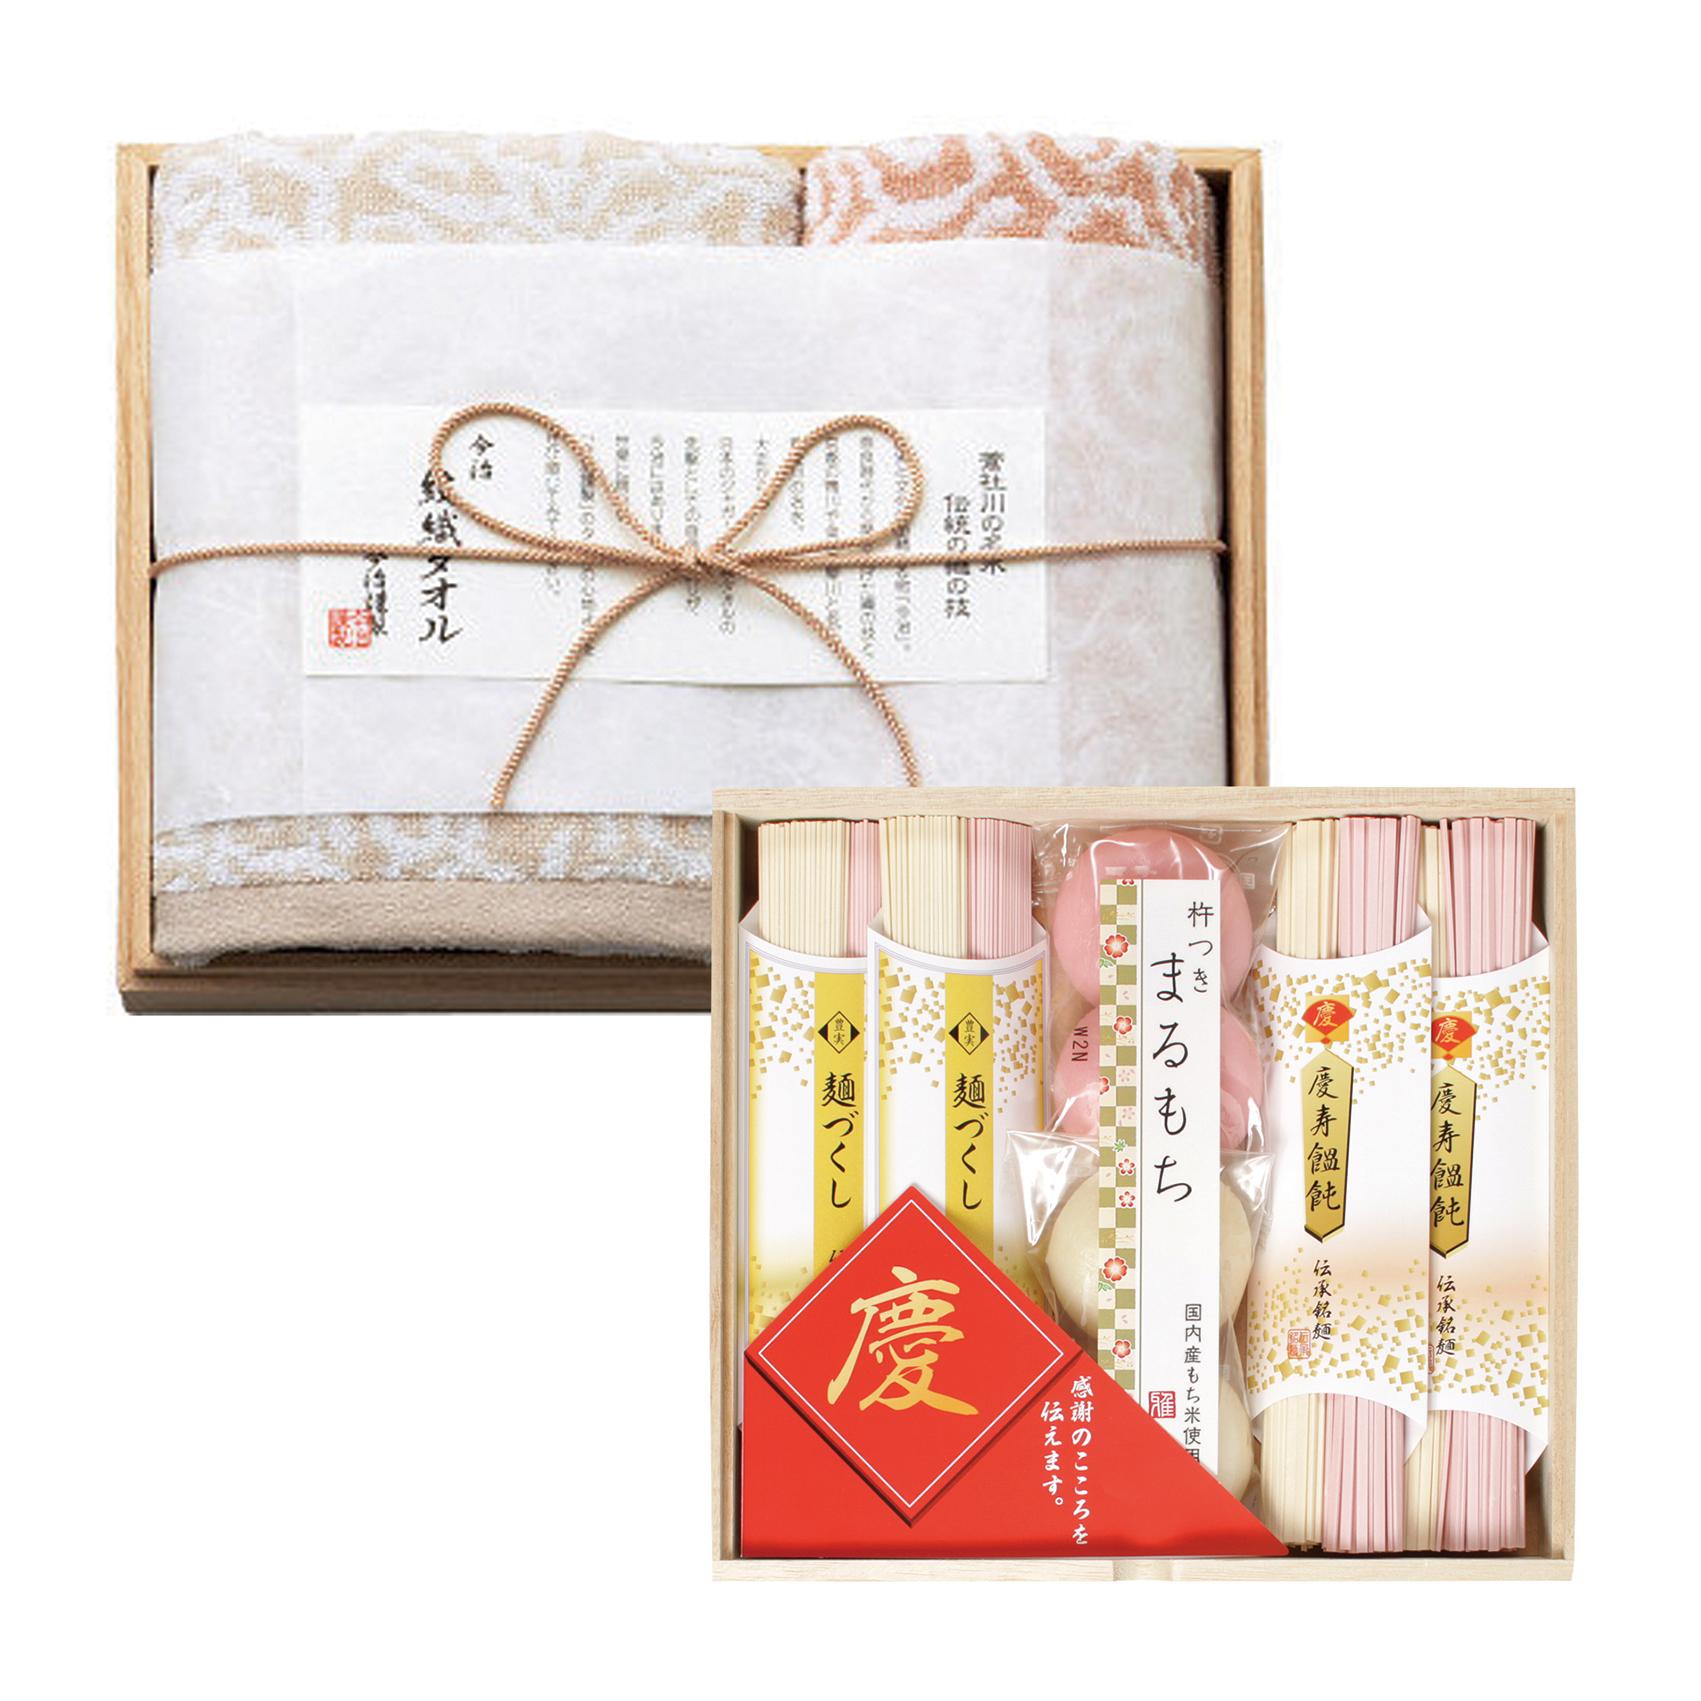 【お急ぎ便直送】名入れ紅白麺&今治タオル木箱入りセットB